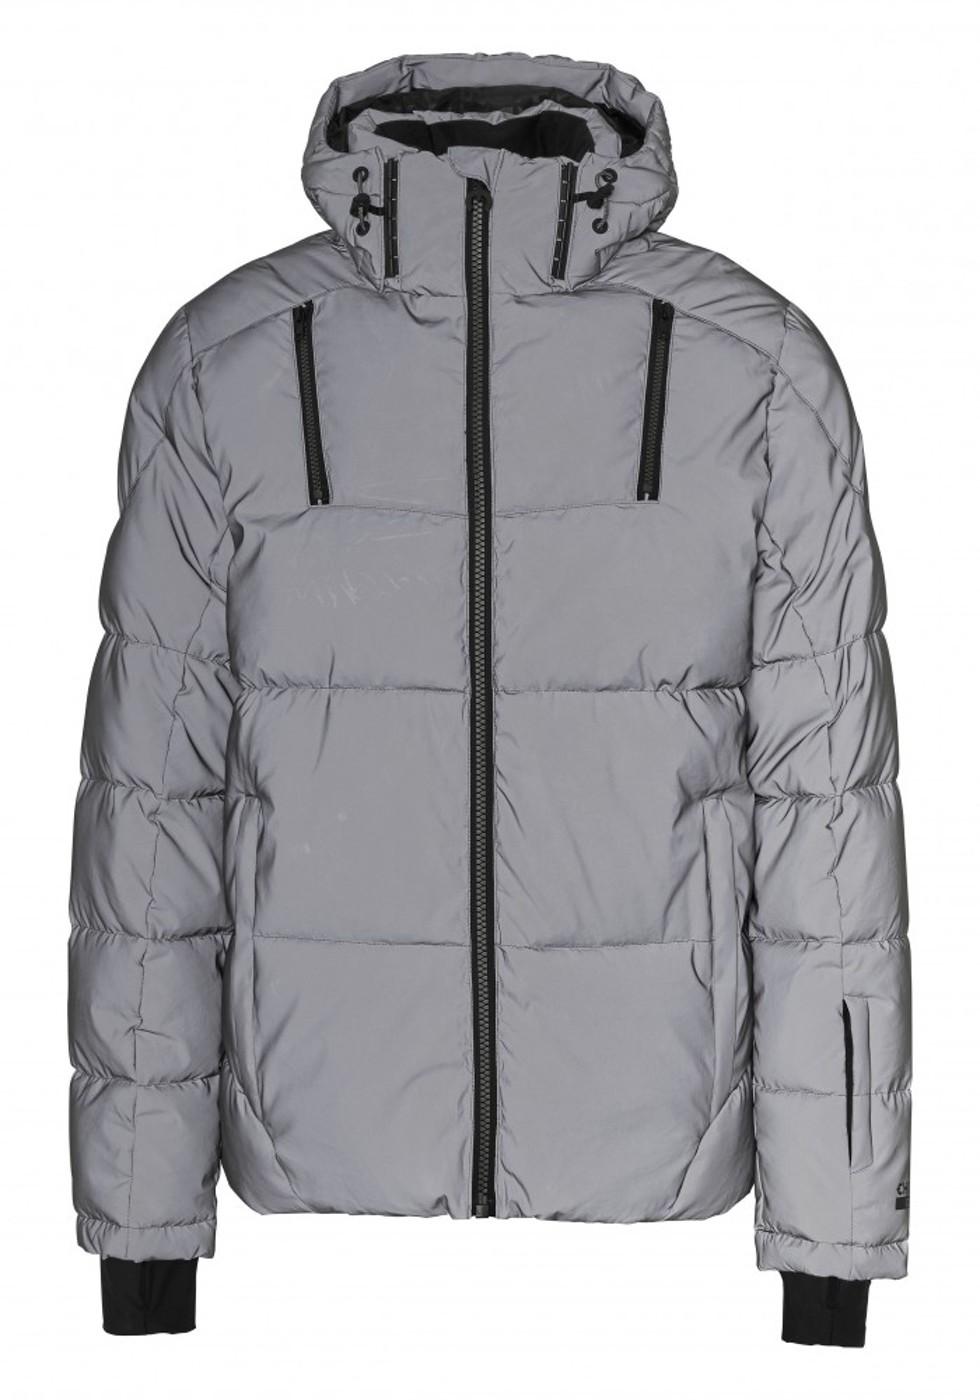 CHIEMSEE ANGEL SAR Ski Jacket - Herren